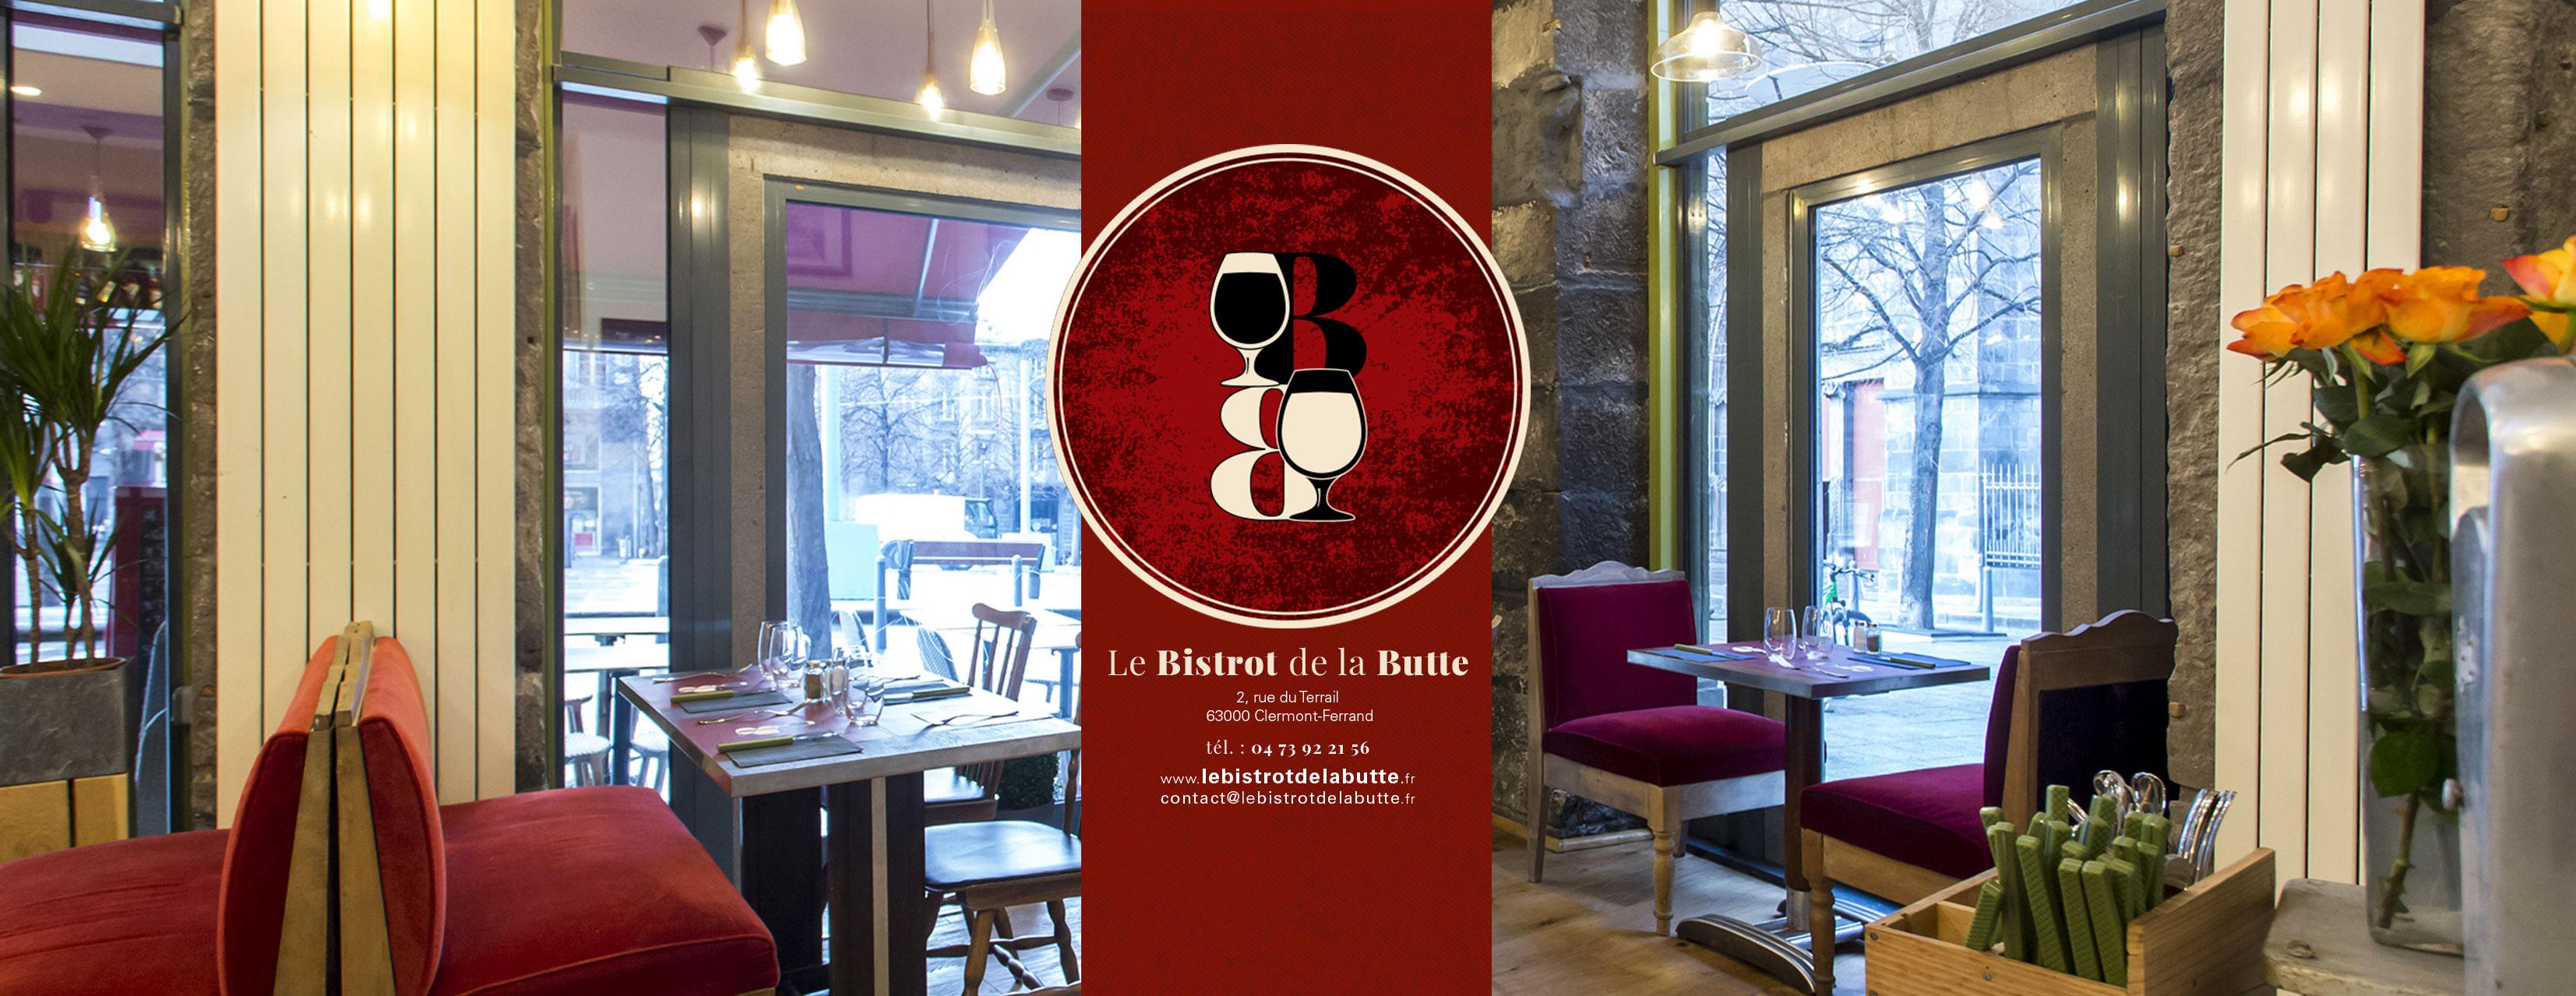 bandeau_le-bistrot-de-la-butte-clermont-ferrand_v2